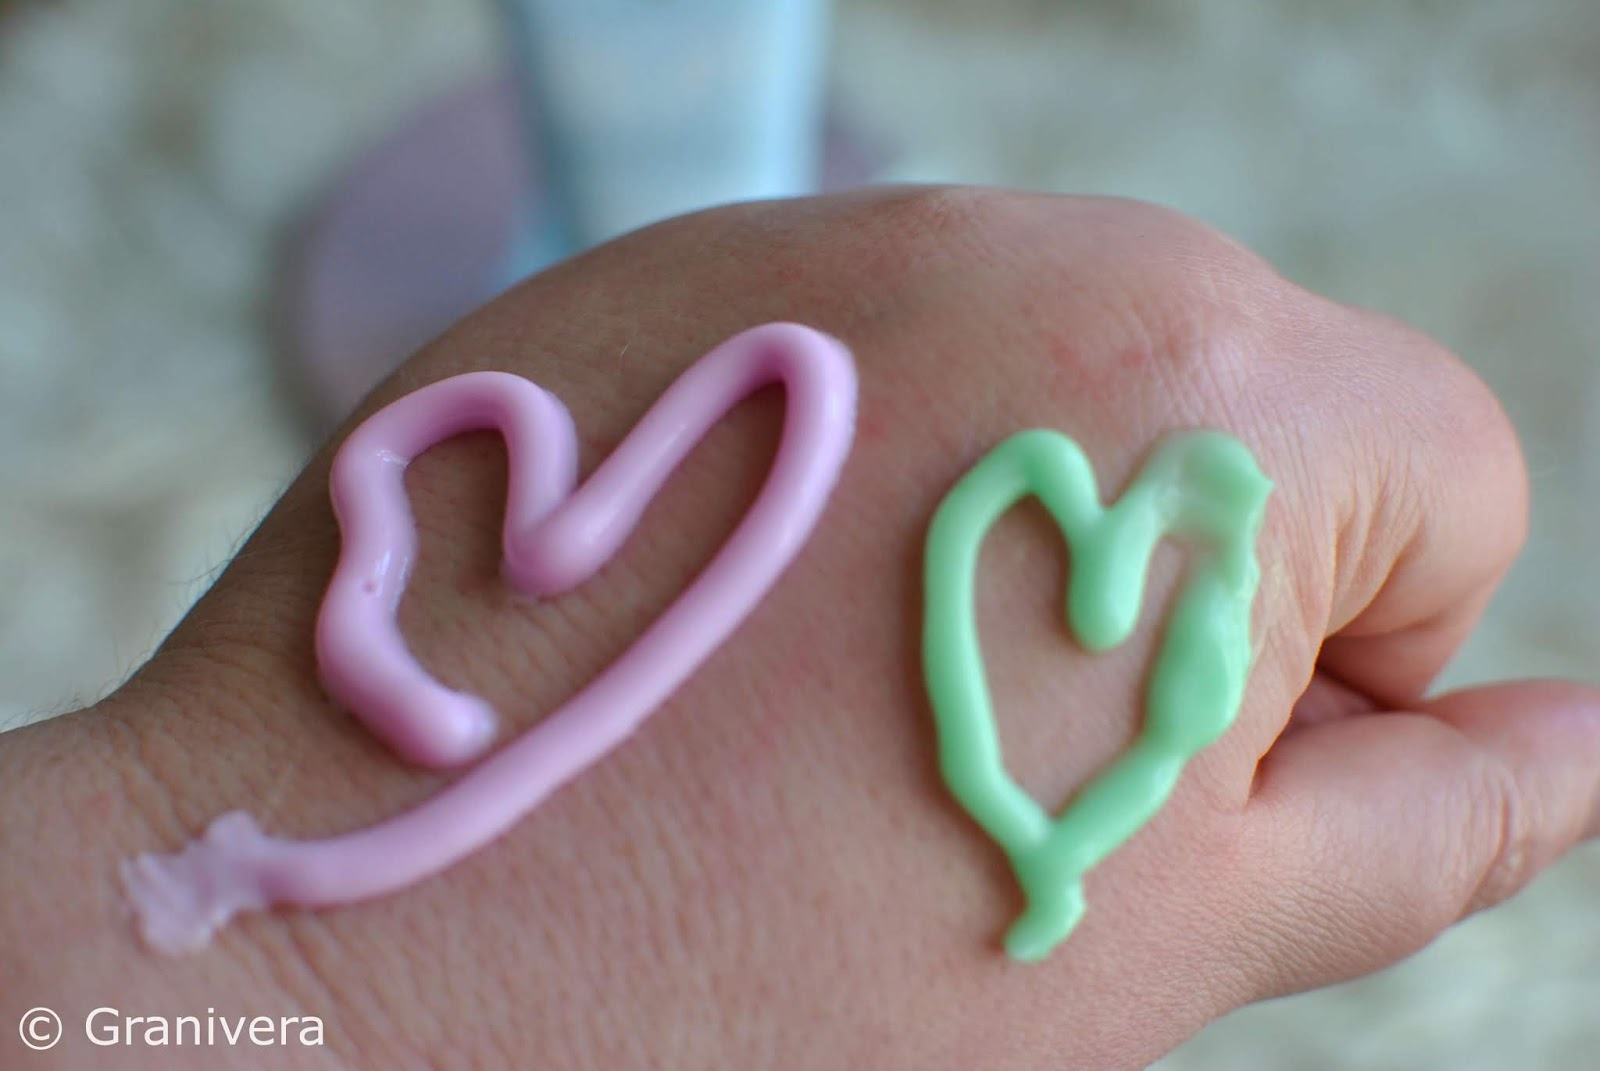 kosmetyk-fluff-różowy-zielony